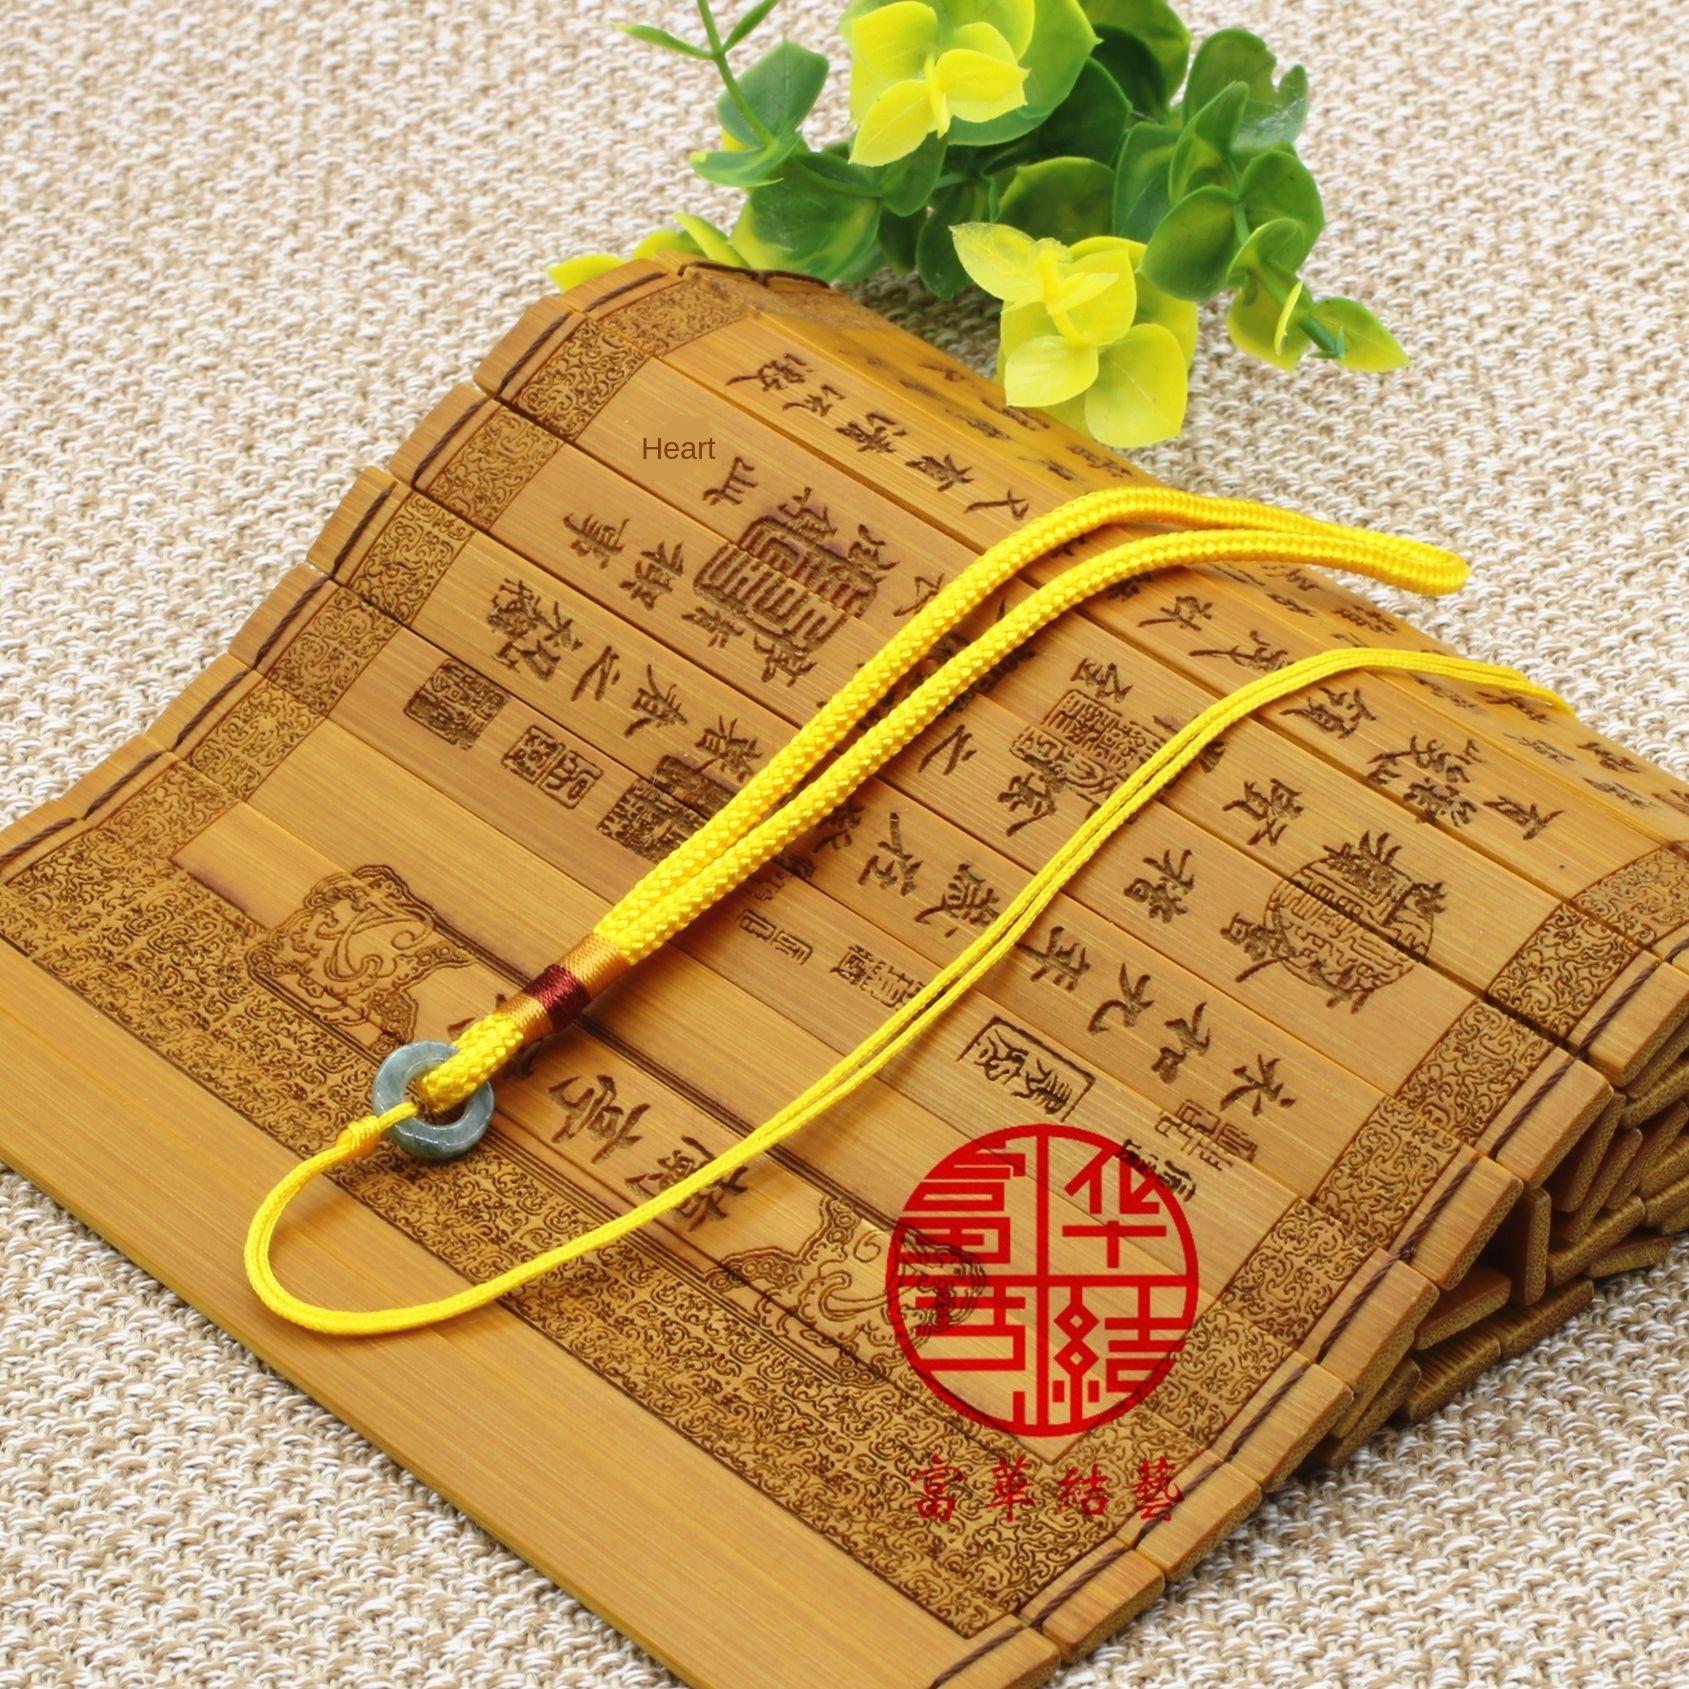 Nuovo Wristband Jade Jadewrist ciondolo pezzo corda appesa ciondolo appeso professionale